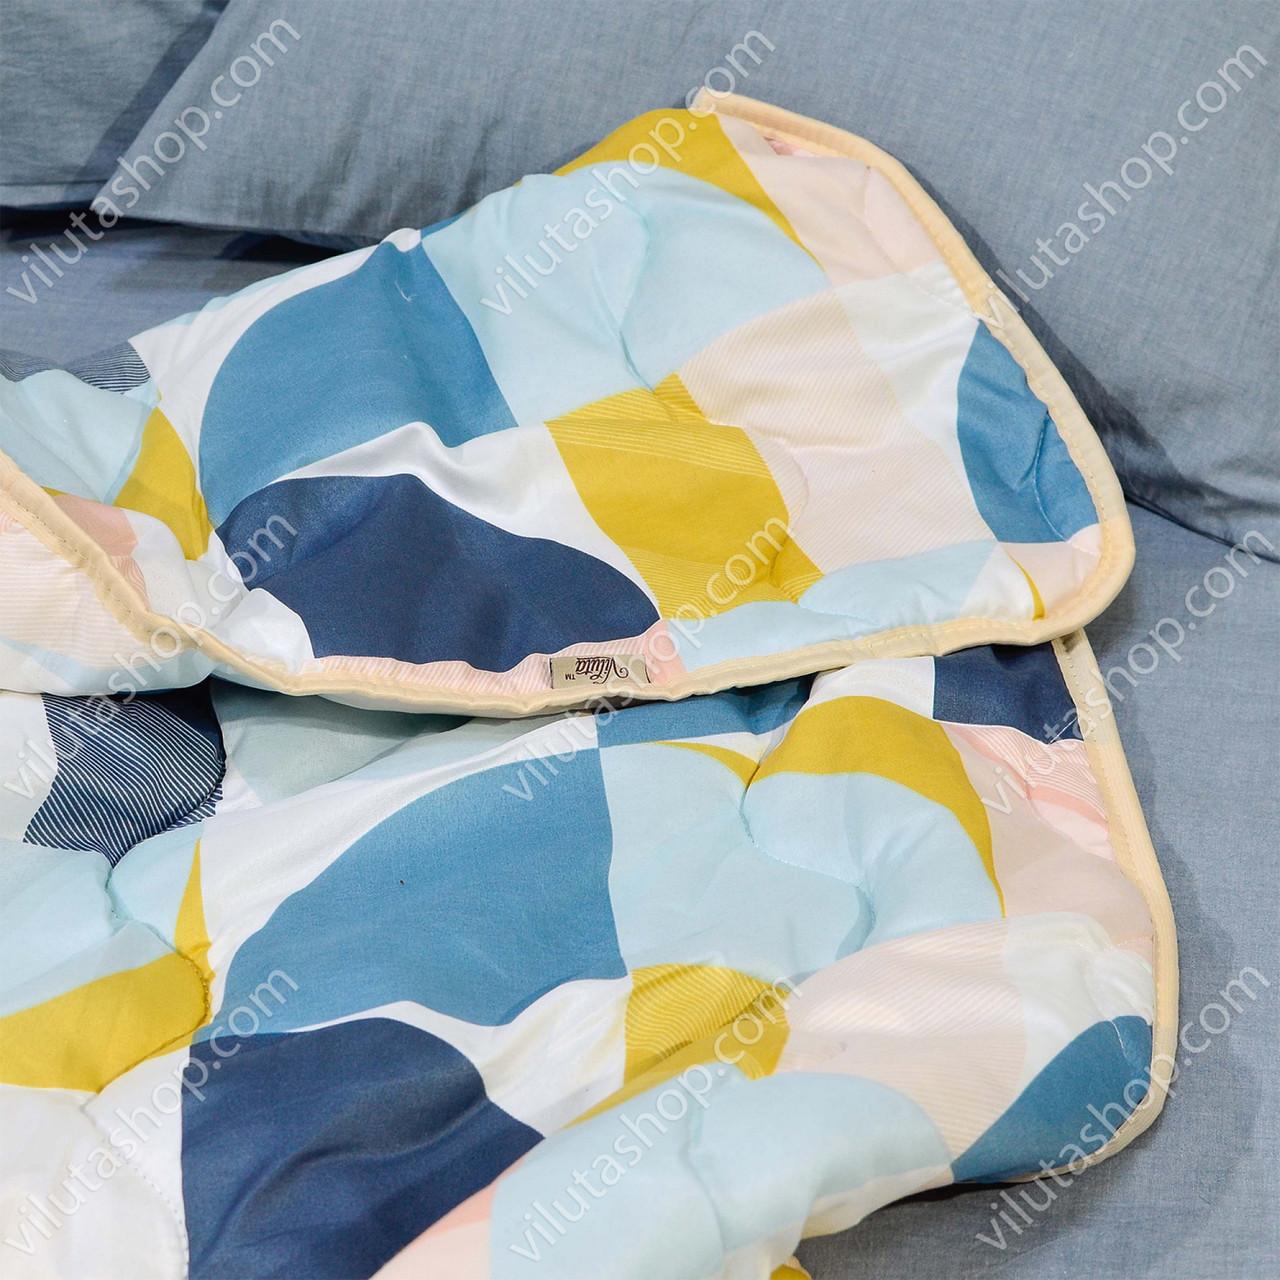 """Одеяло Евро размер  200х220 см силиконовое стеганое """"Стандарт"""" Теплое"""